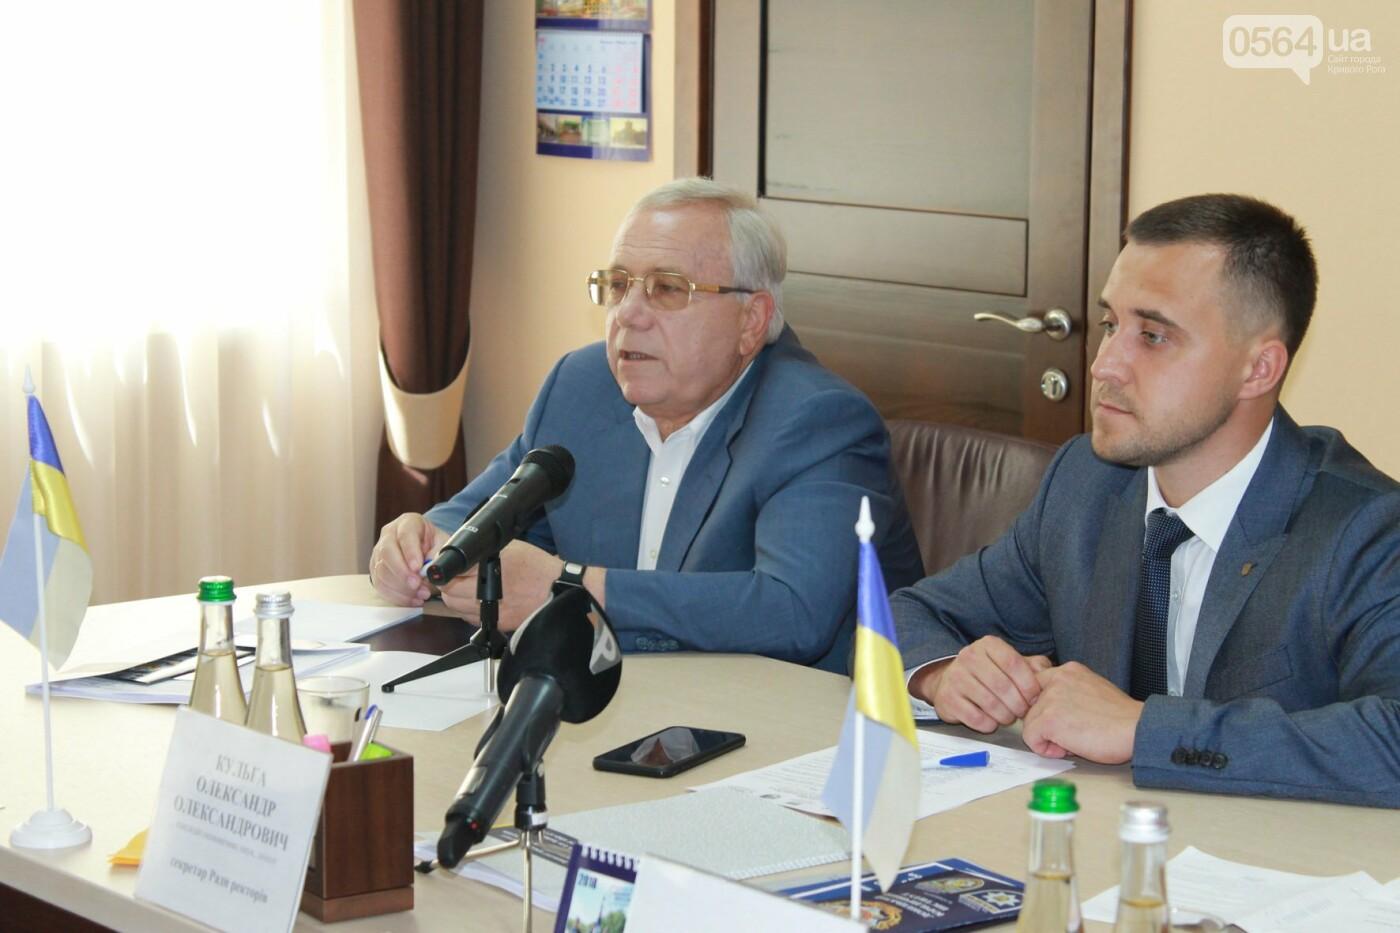 В Донецком юридическом институте состоялось выездное заседание Совета ректоров перемещенных высших учебных заведений Донбасса и Крыма, фото-2